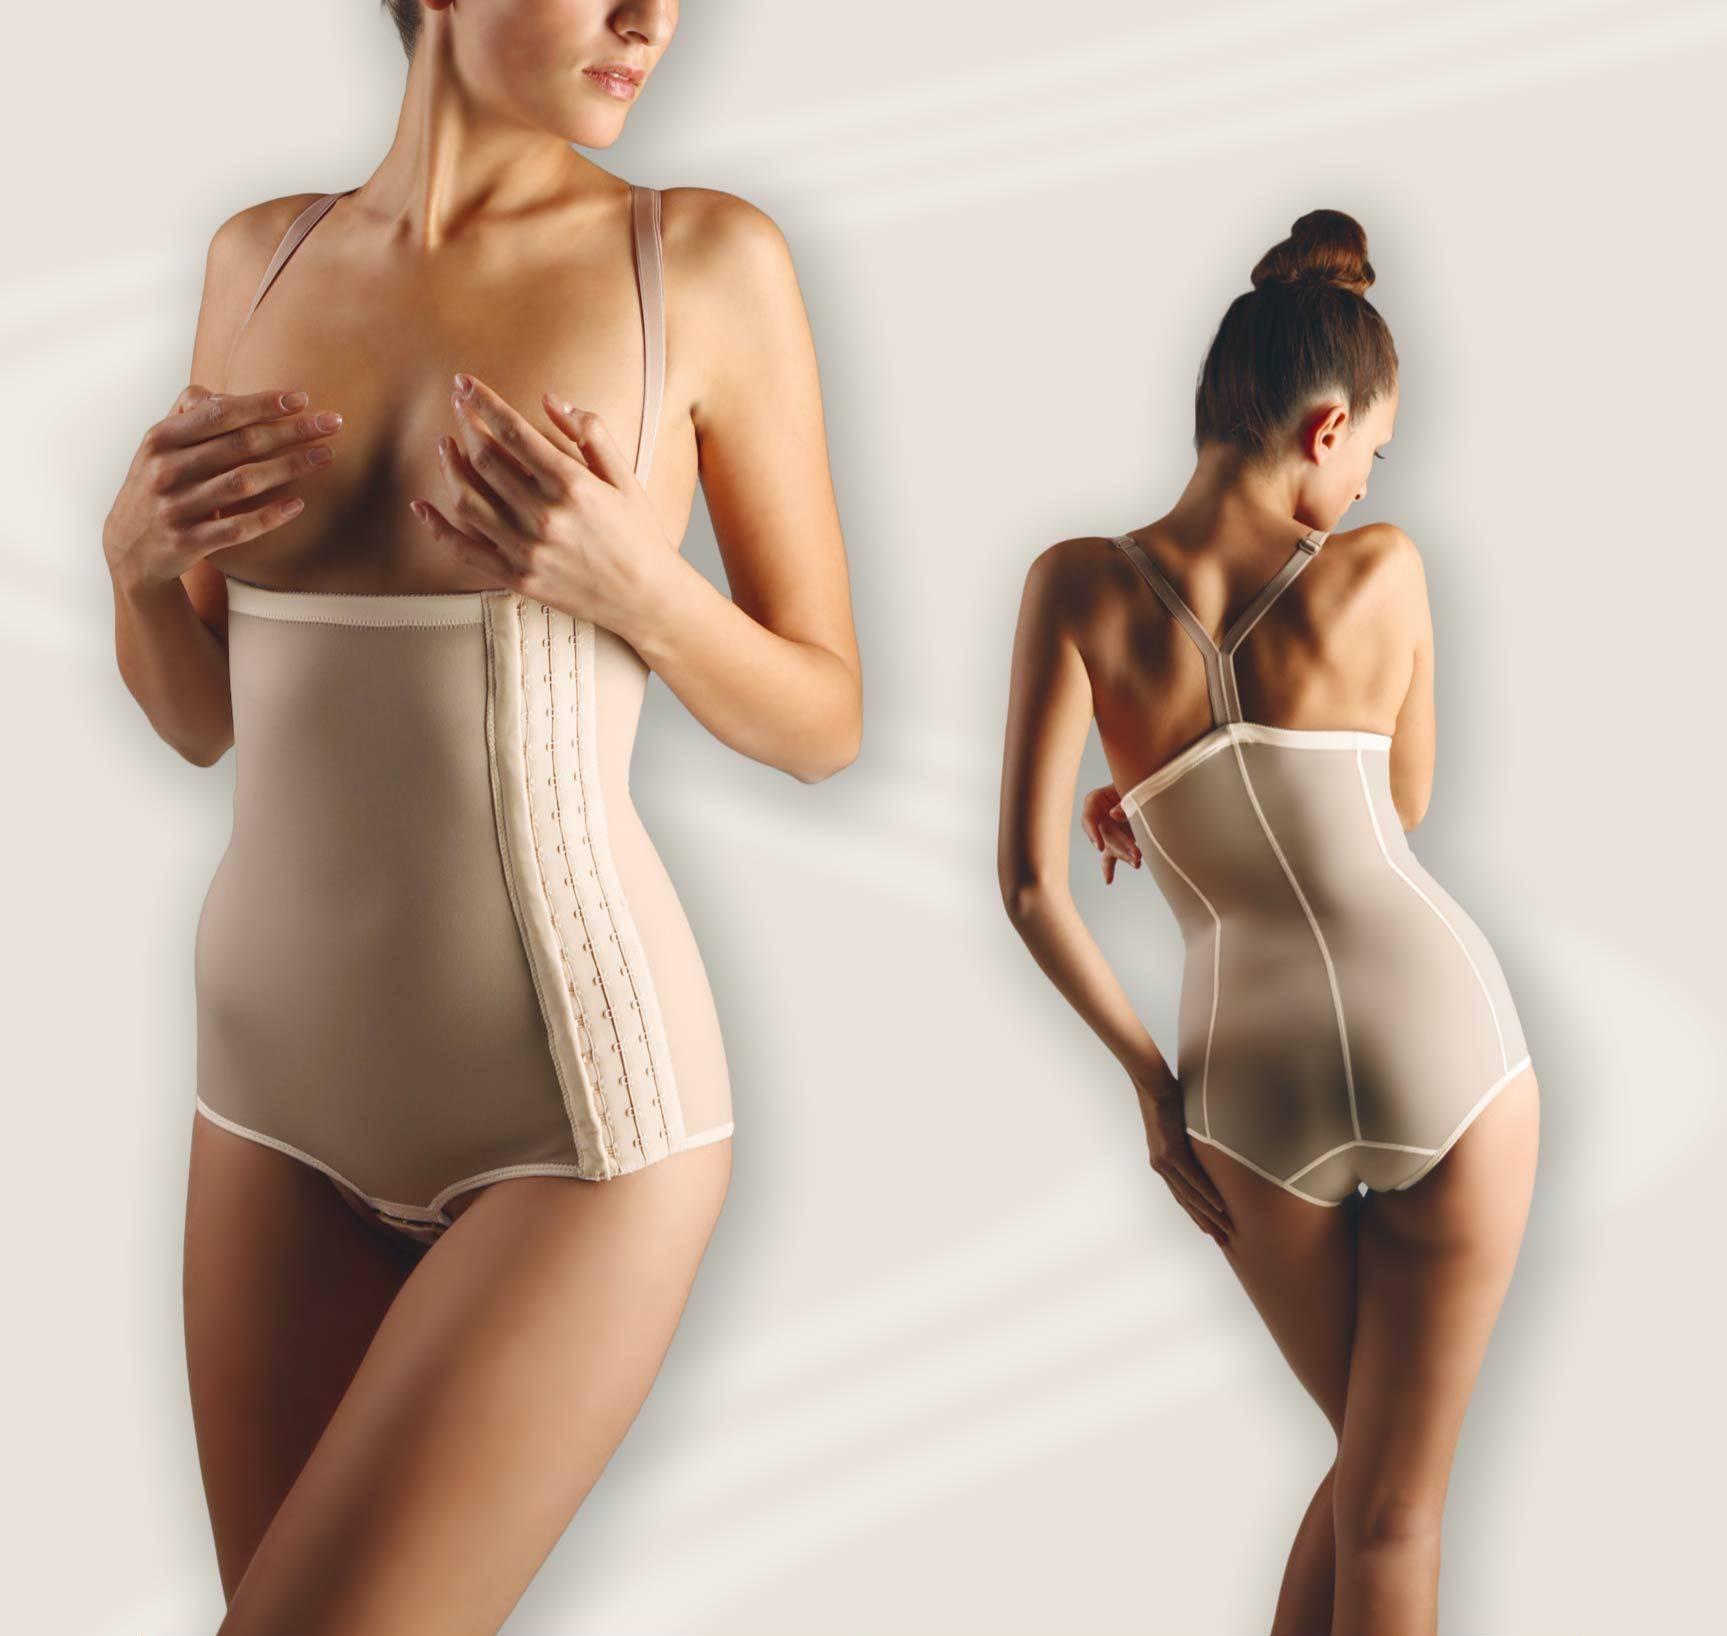 Компрессионное белье после абдоминопластики: как носить, когда снимать и как выбрать?